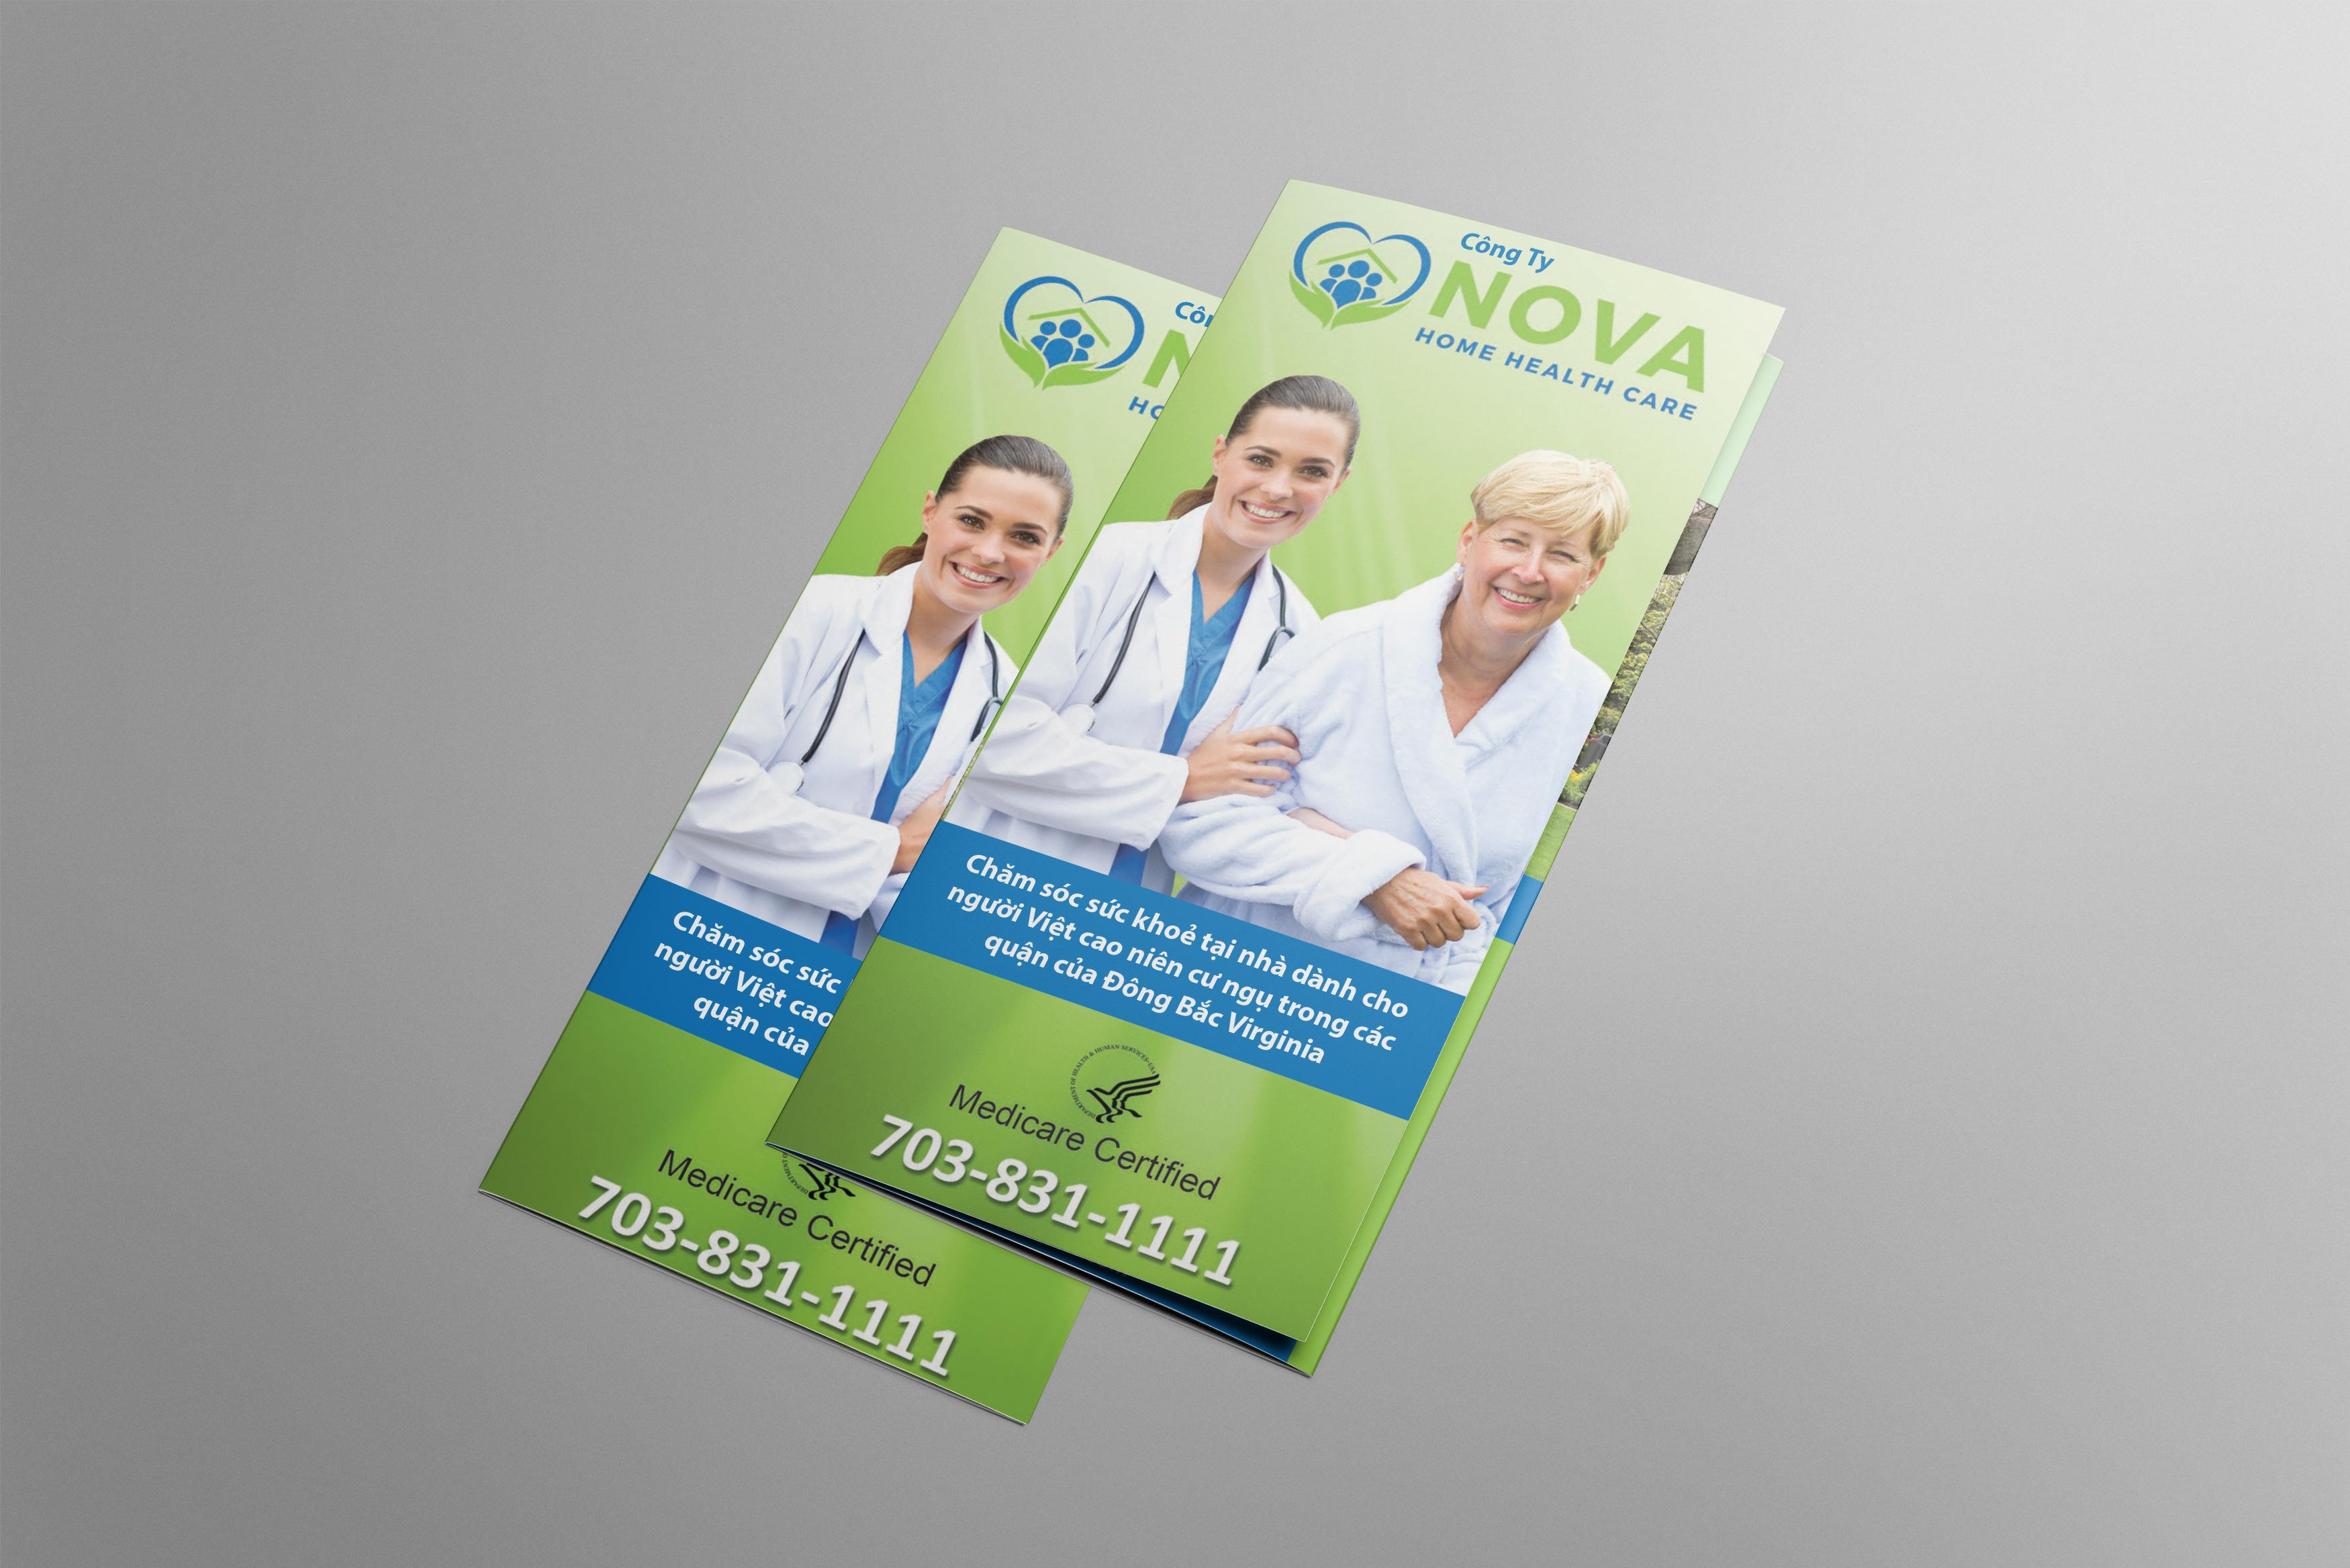 Layout_Mock Up_trifold brochure NOVA HHC